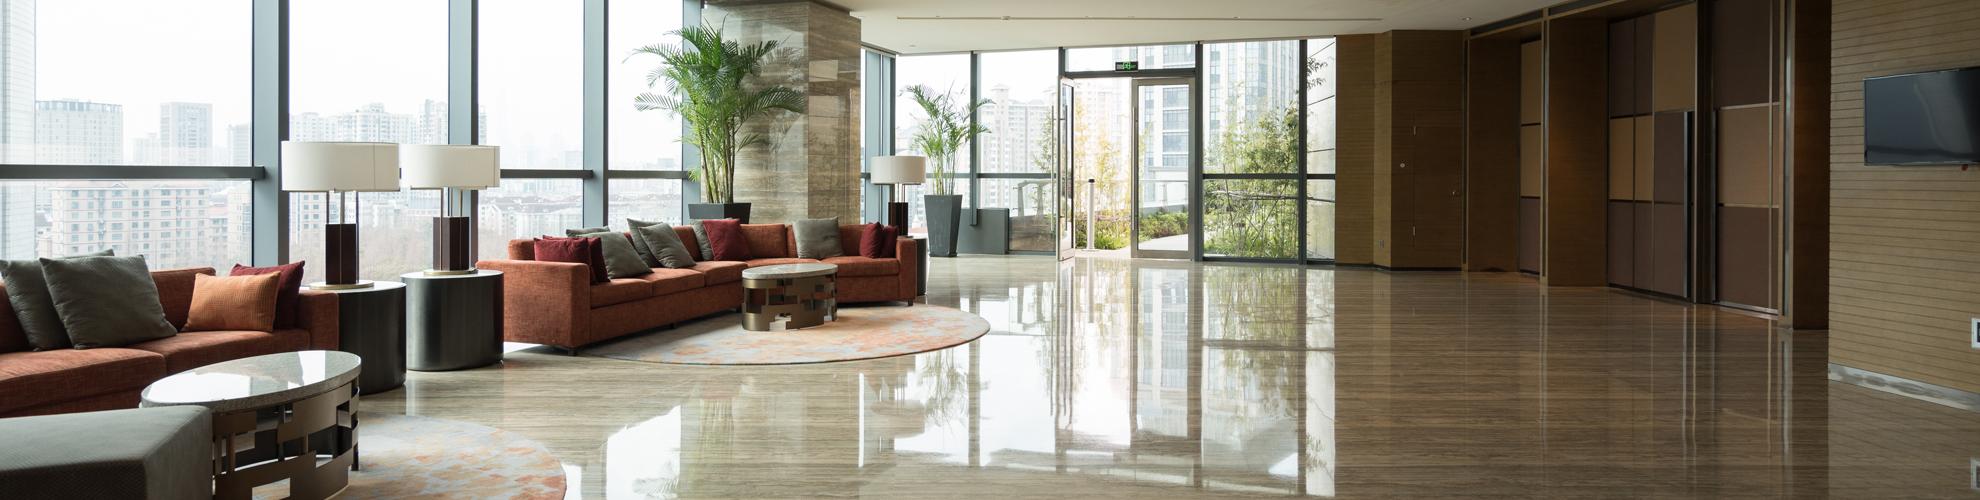 Pavimento interno in marmo